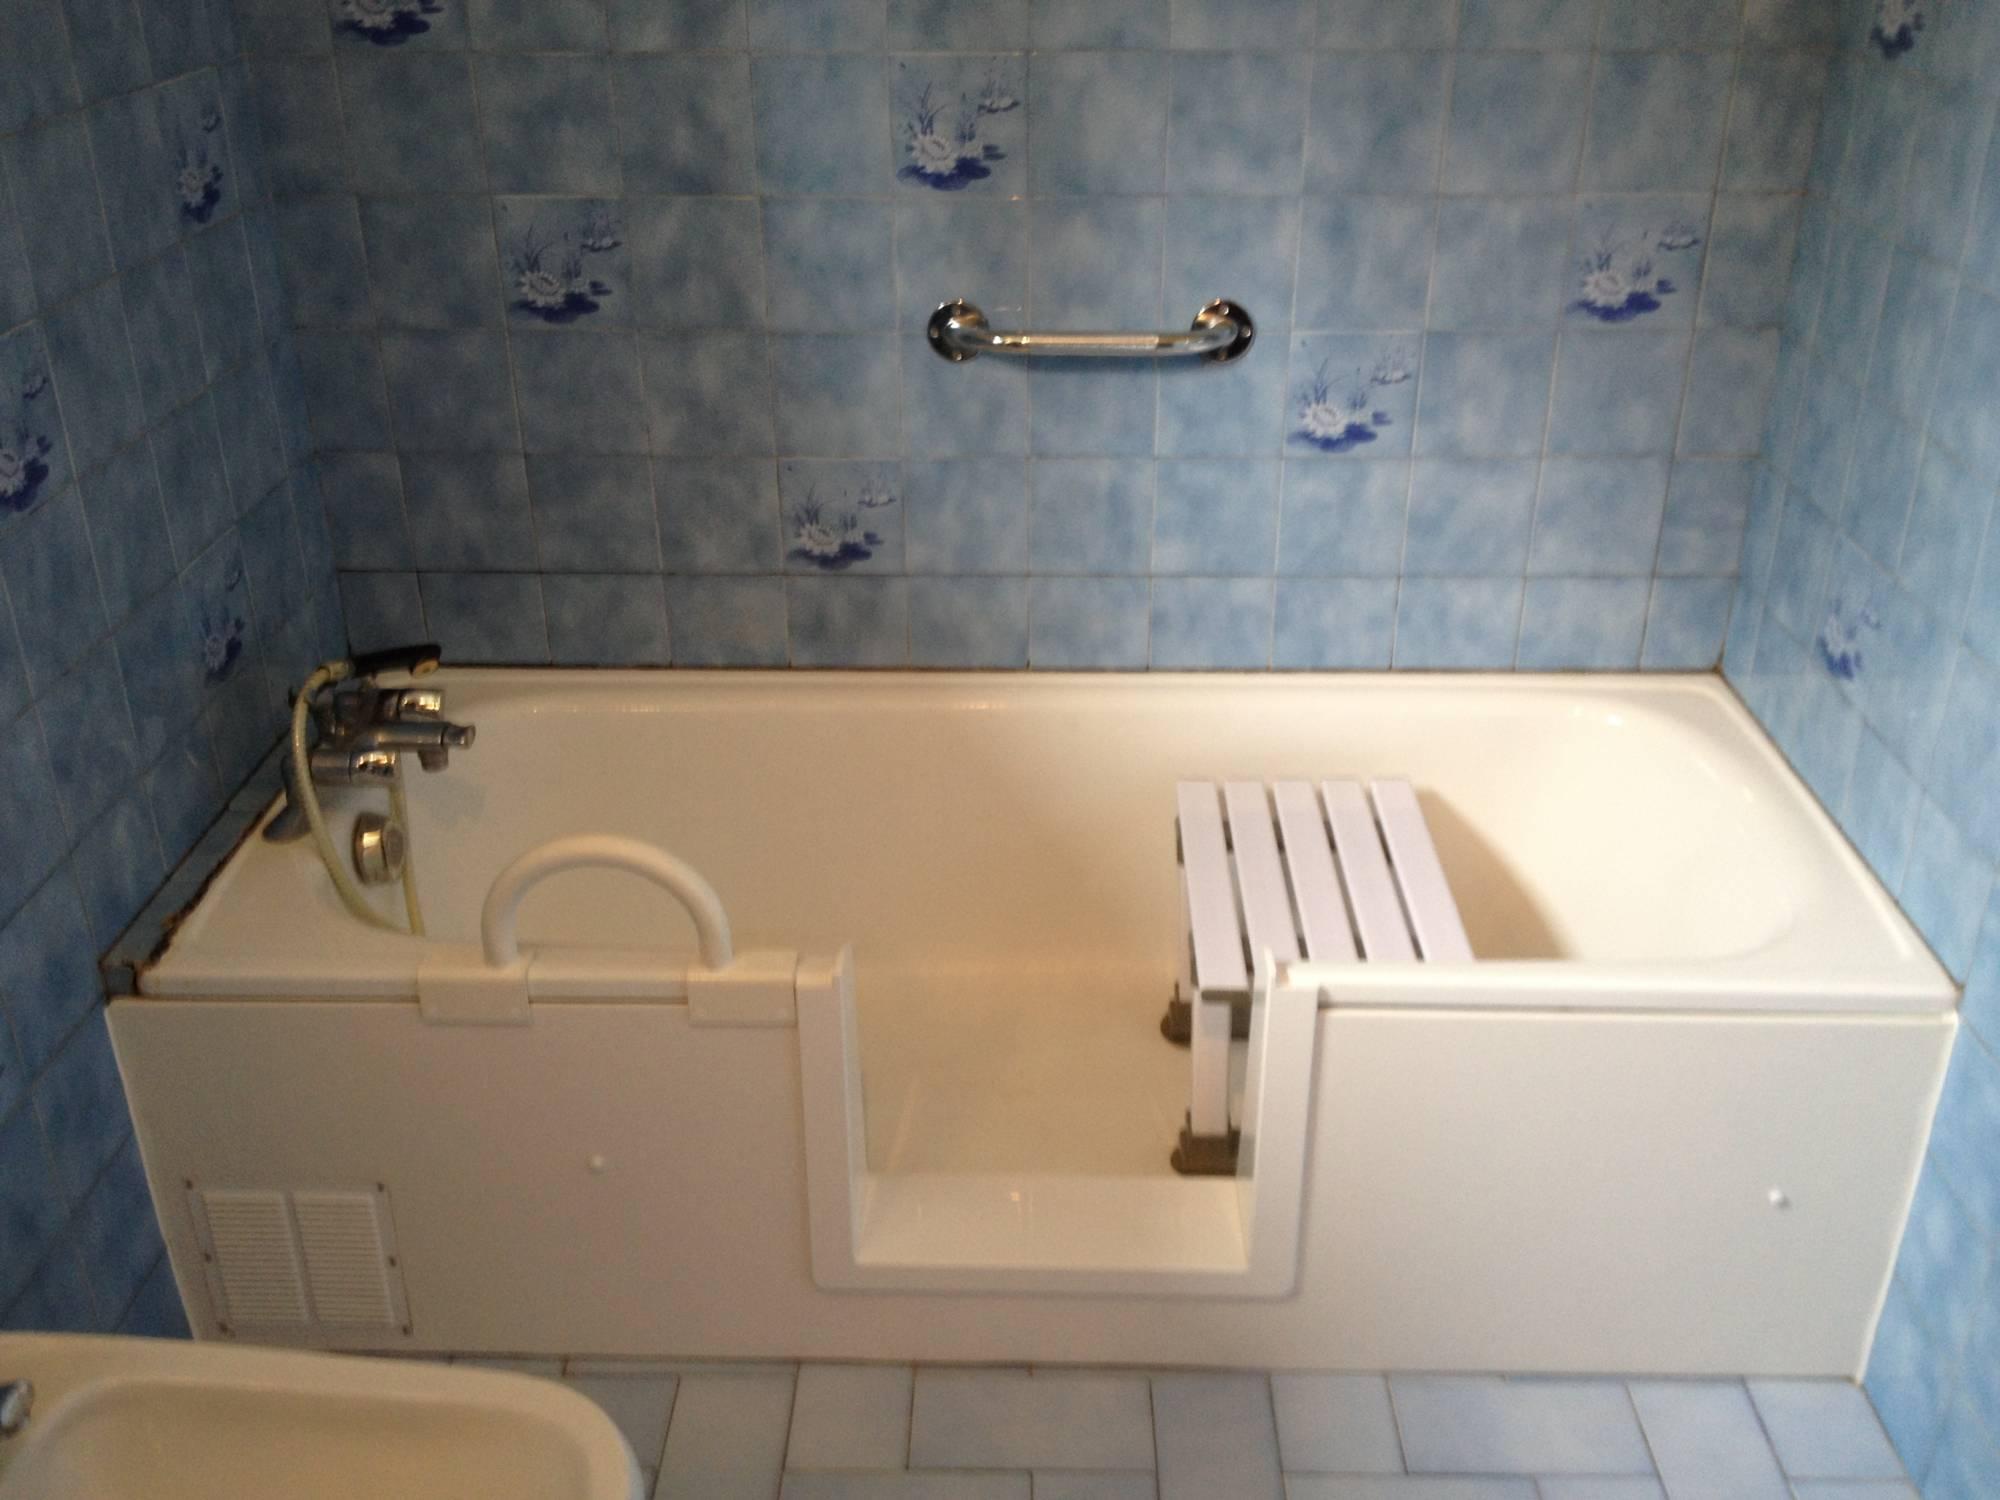 Aide Pour Sortir De La Baignoire devis pour une découpe de baignoire à toulouse dans le